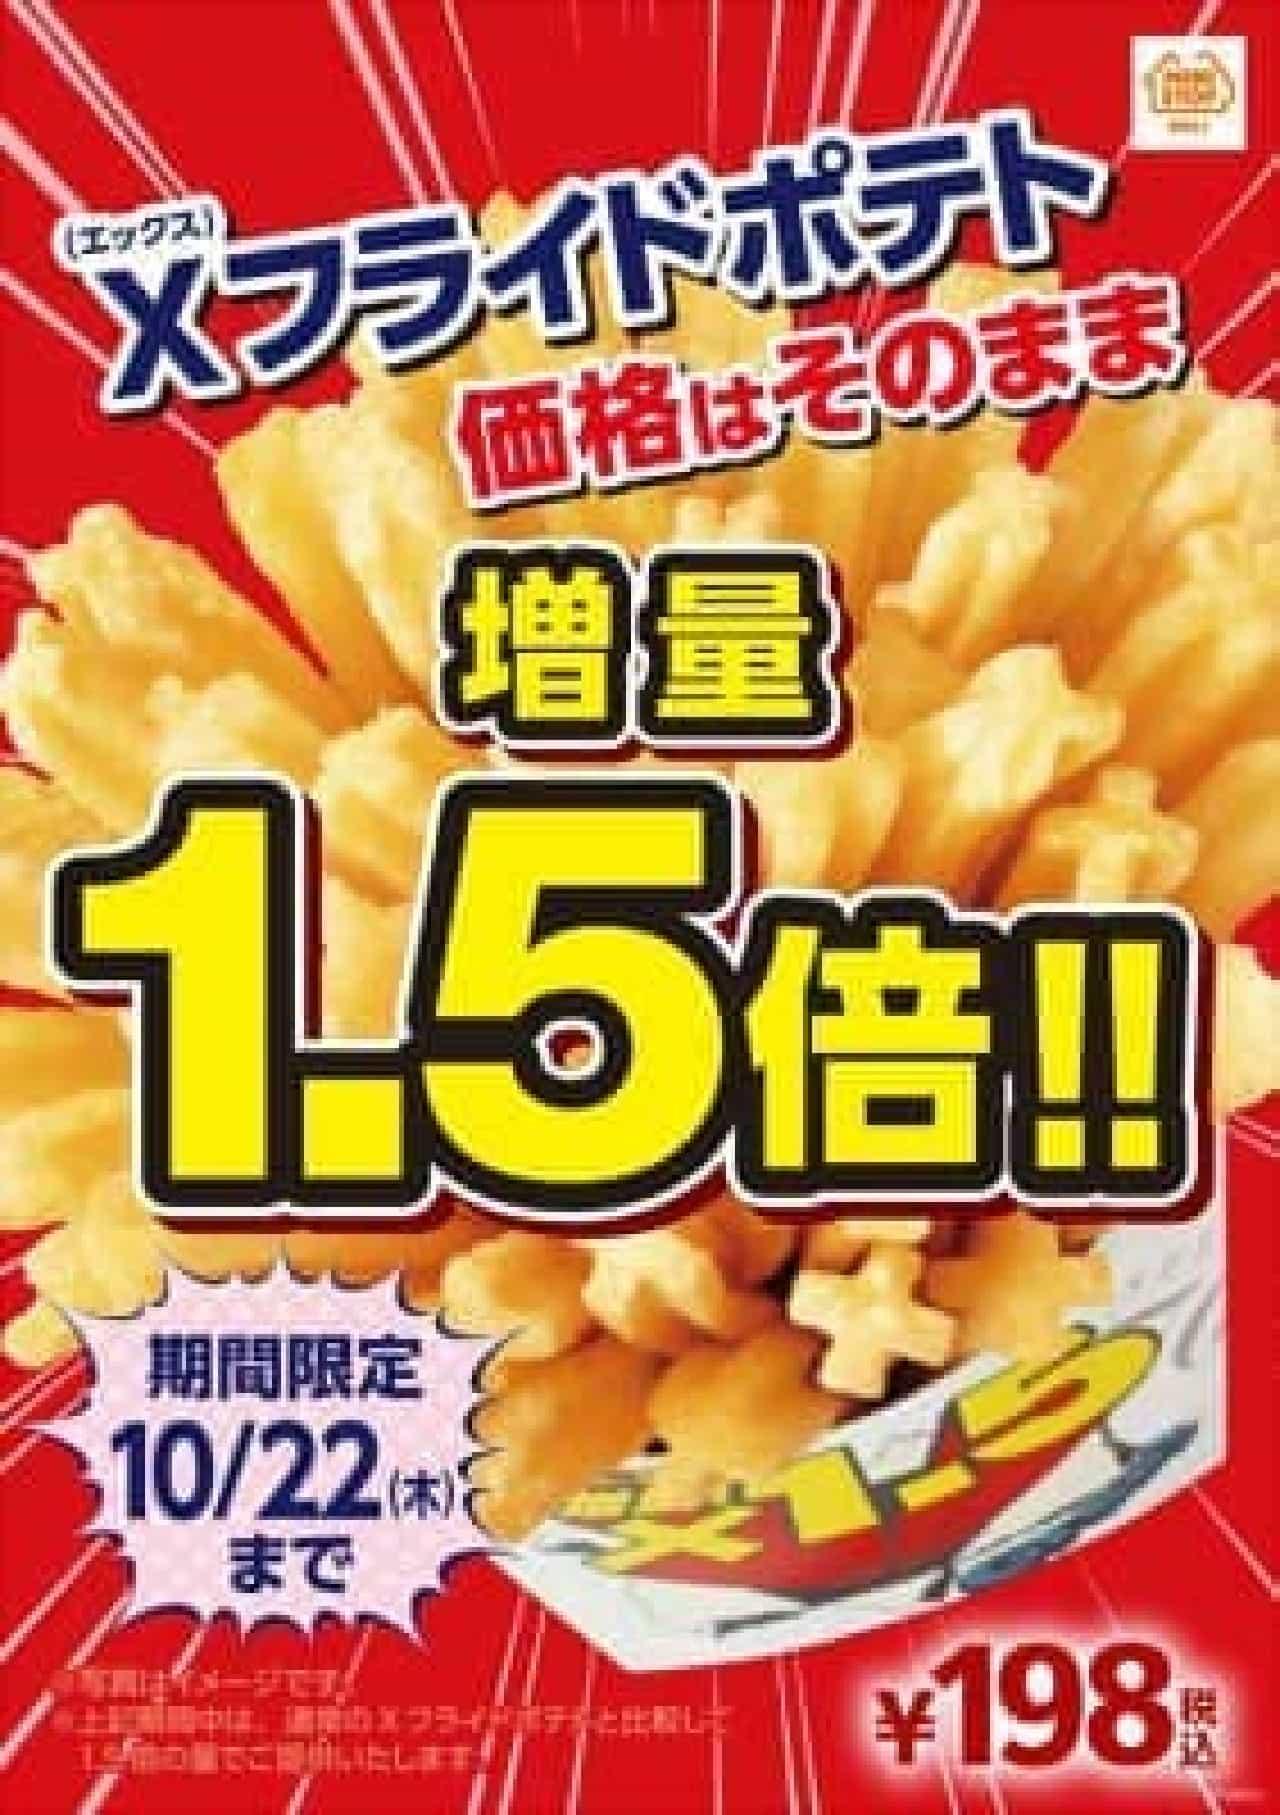 期間限定、ポテトが1.5倍に増量!